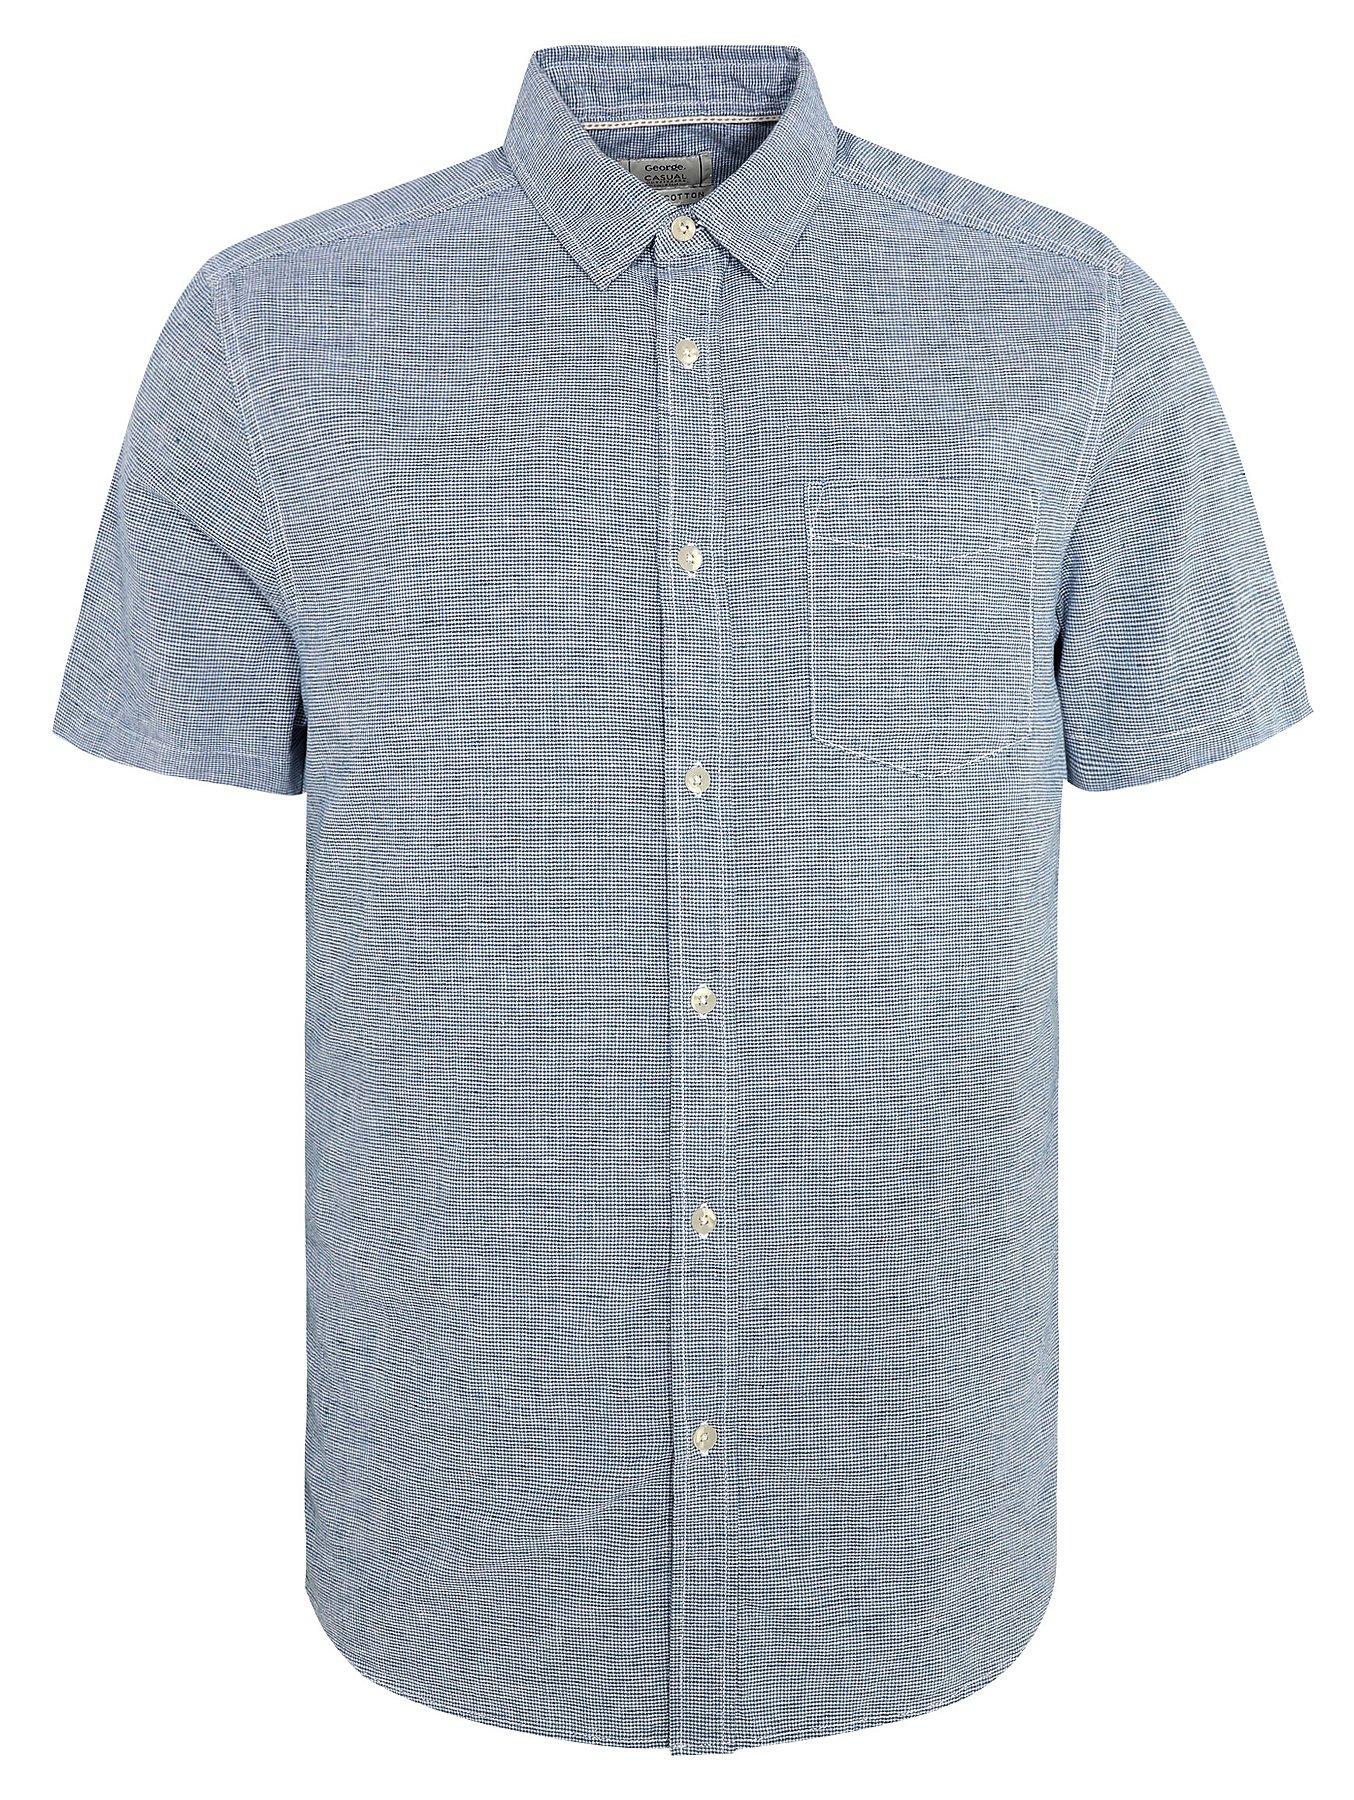 b7ea1bff0 Blue Short Sleeve Linen Blend Dogtooth Shirt | Men | George